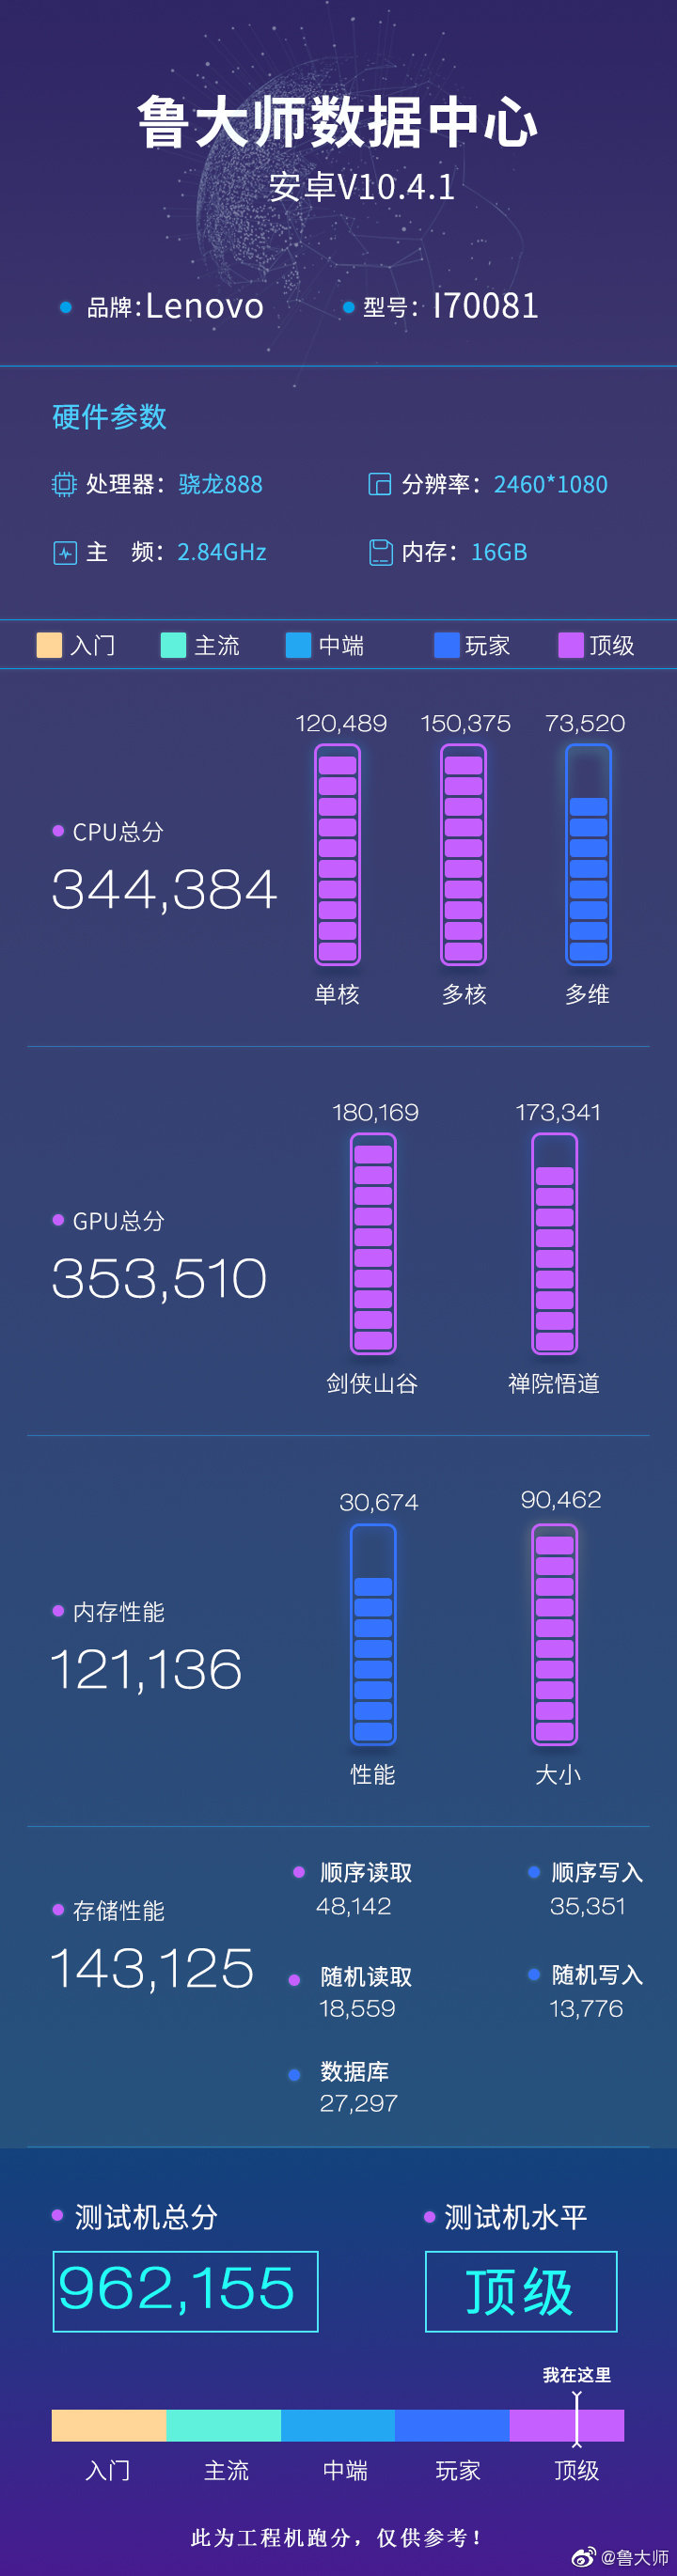 Игровой смартфон Lenovo Legion 2 Pro побил рекорд бенчмарка Master Lu